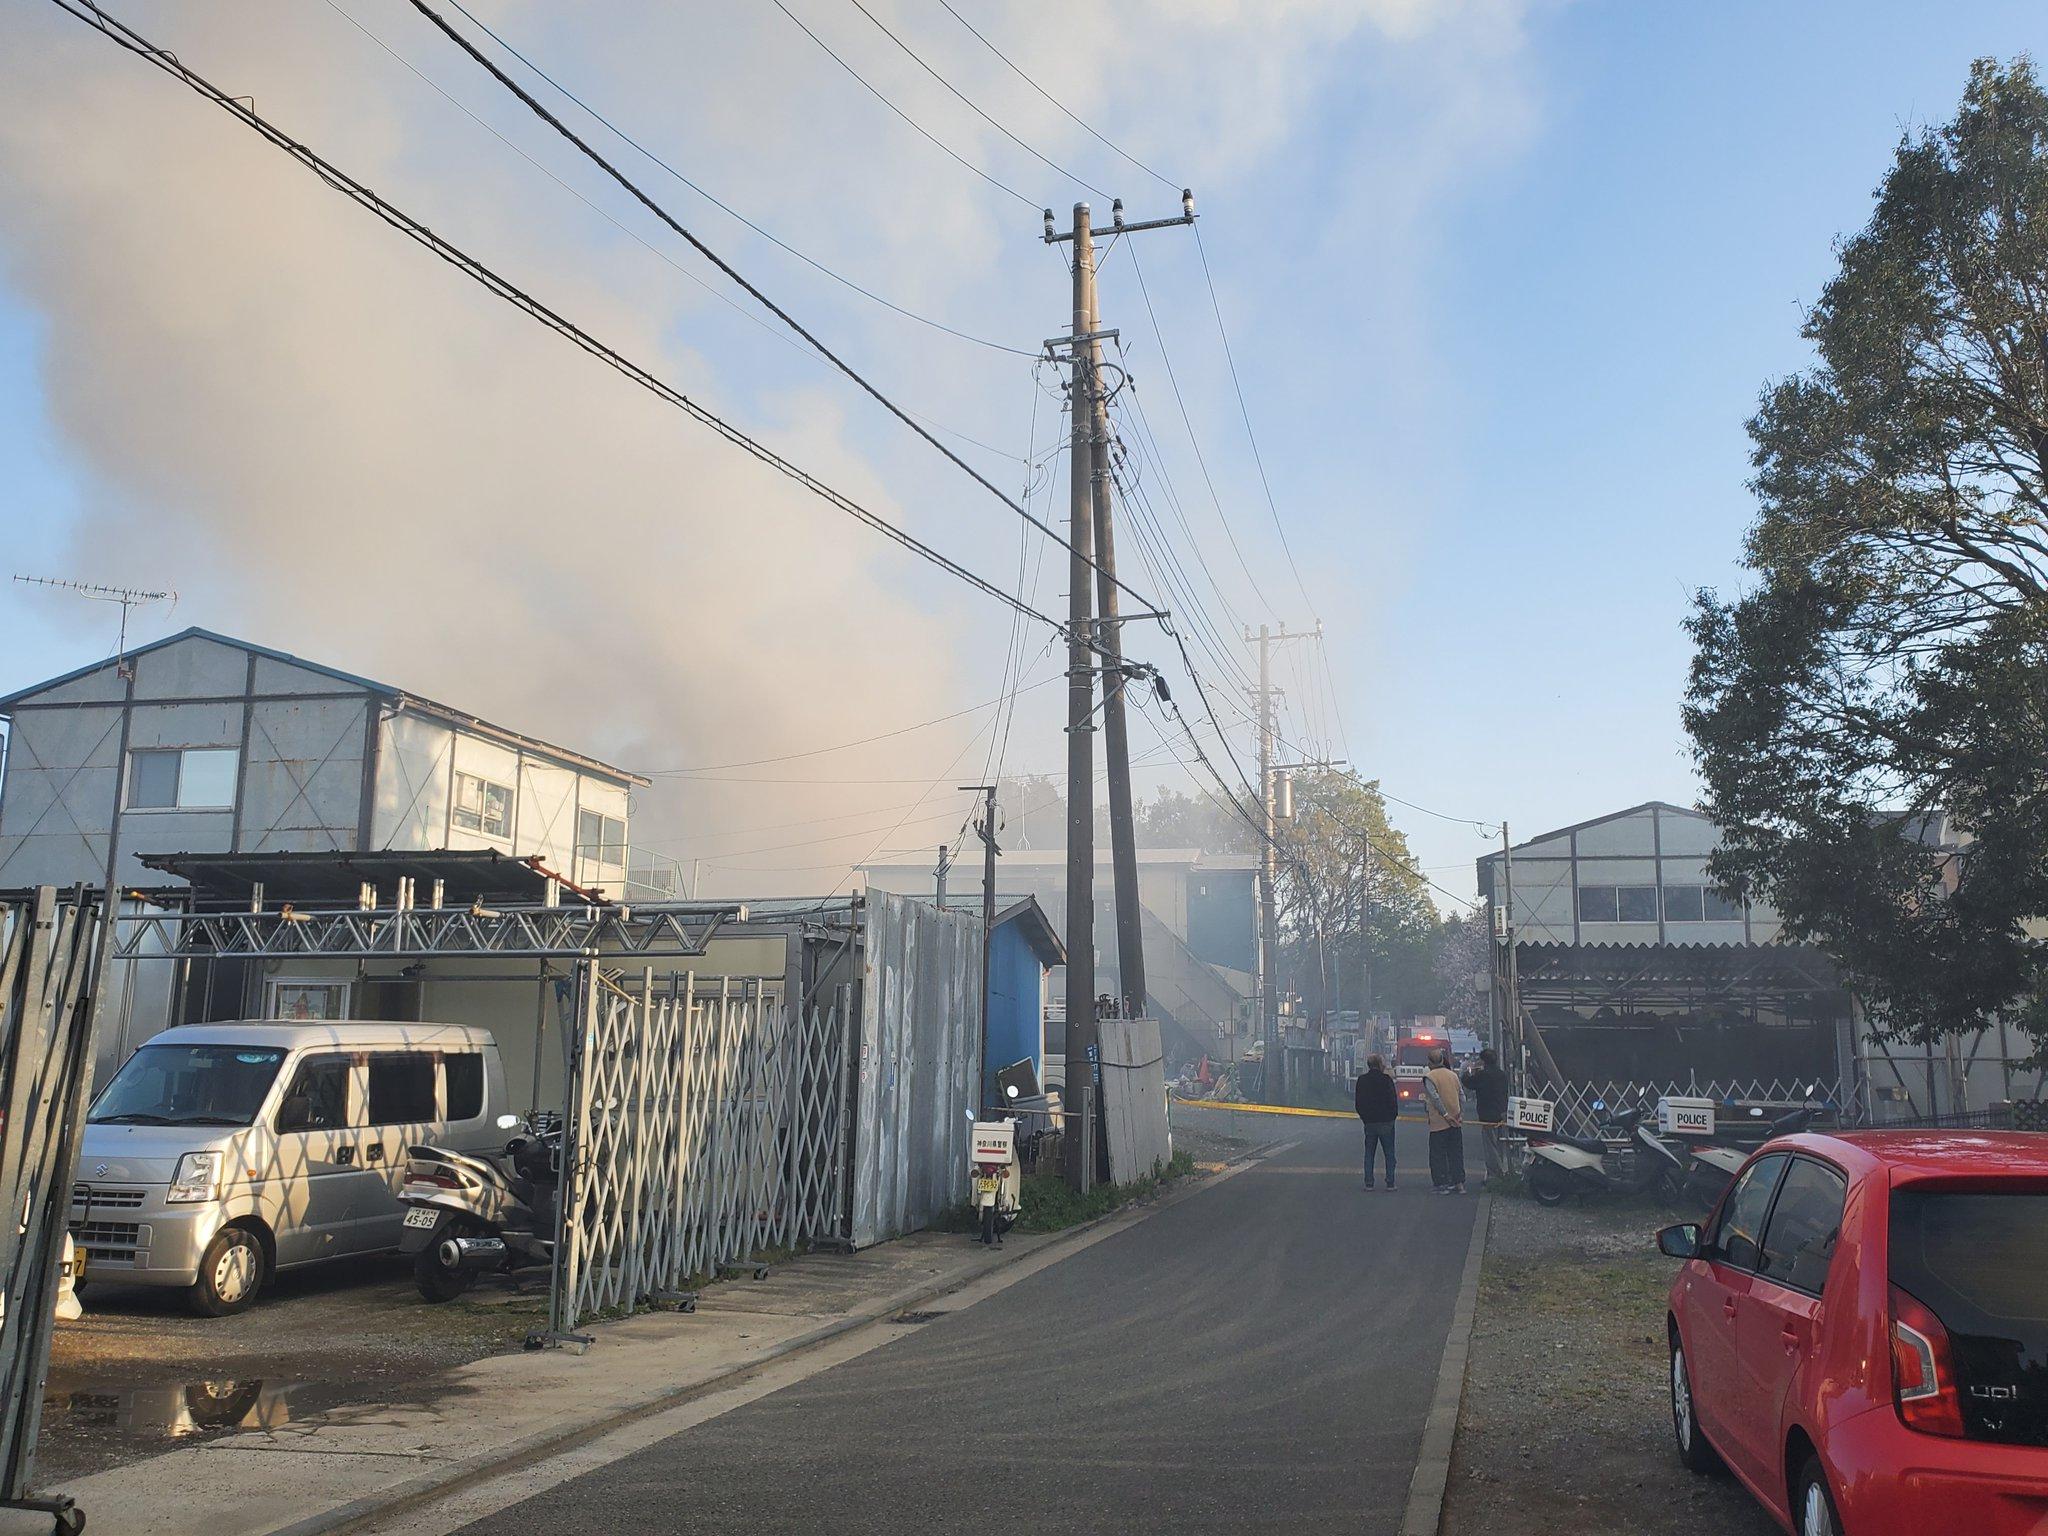 横浜市瀬谷区宮沢の資材置き場で火事が起きている画像